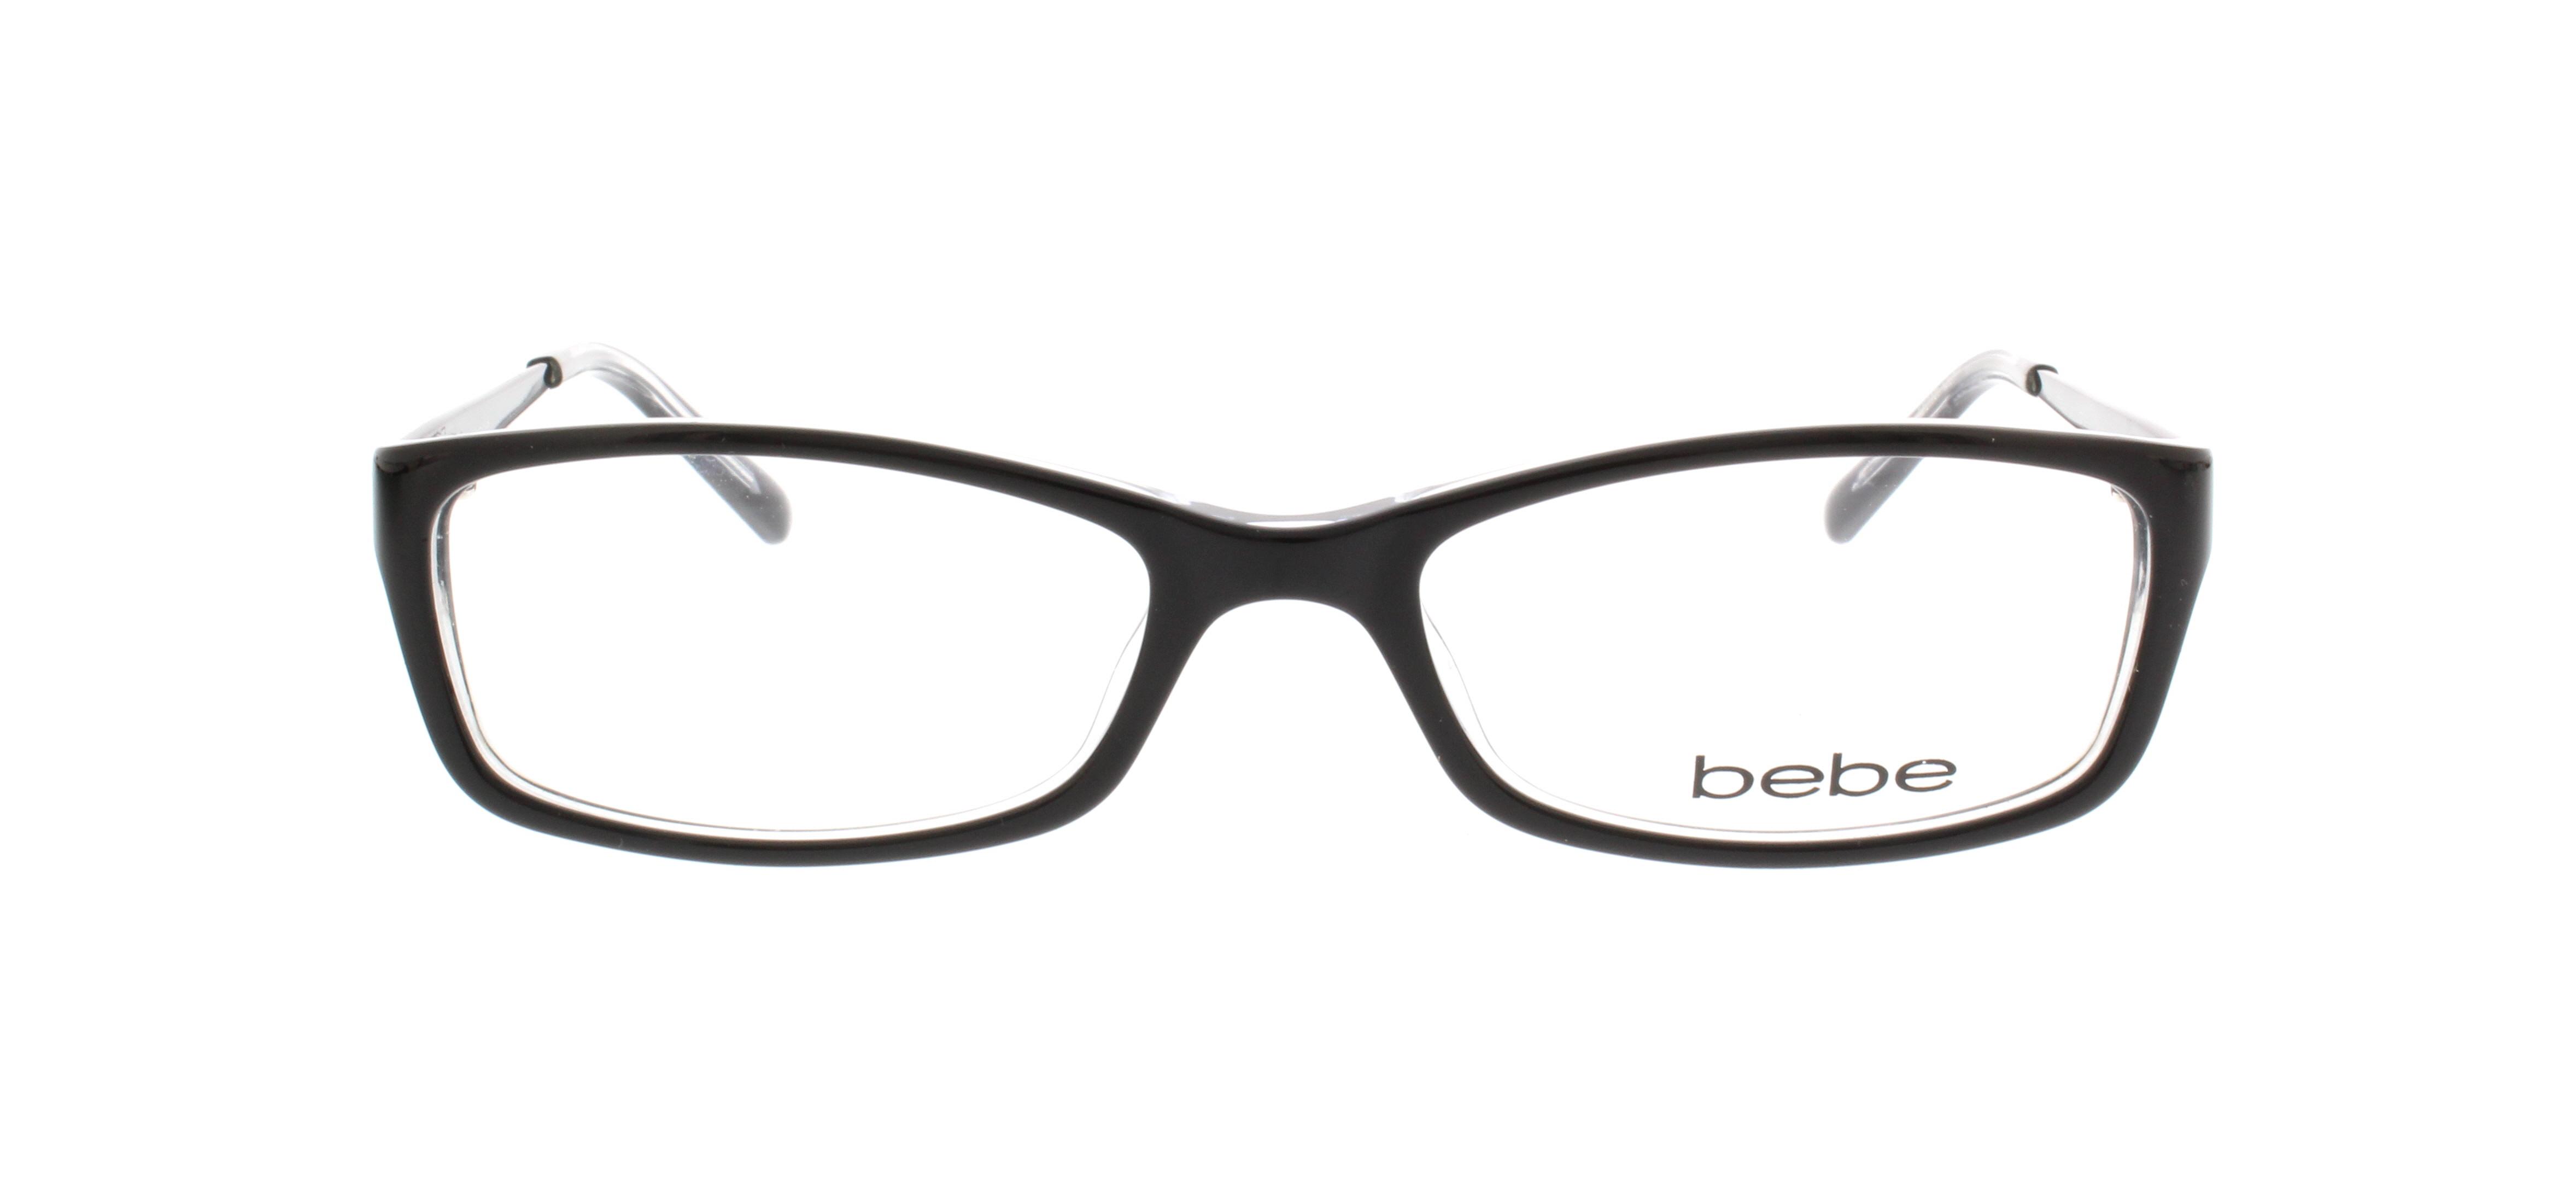 Designer Frames Outlet. Bebe BB5044 Envy